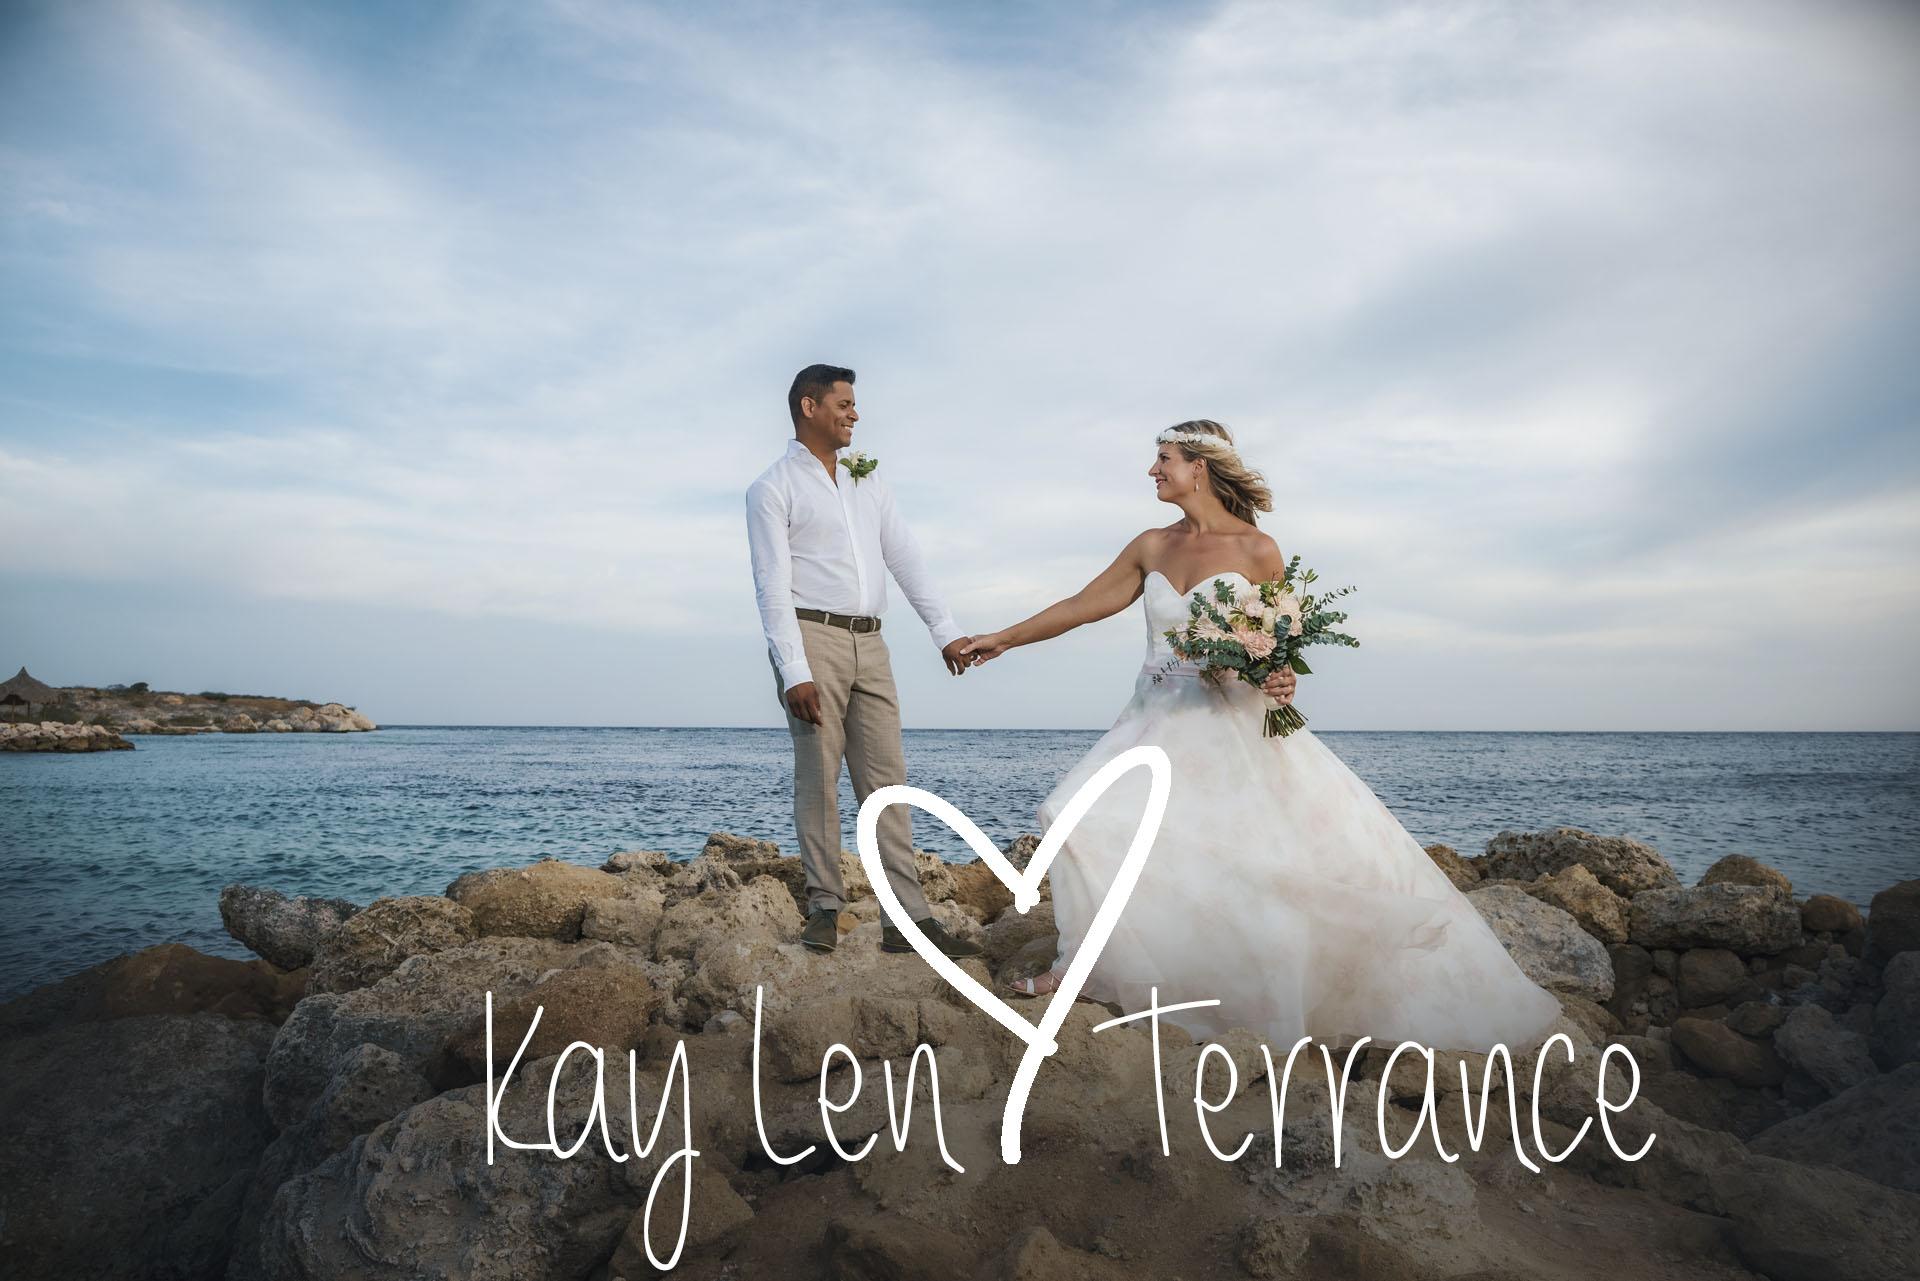 Kay Len & Terrance